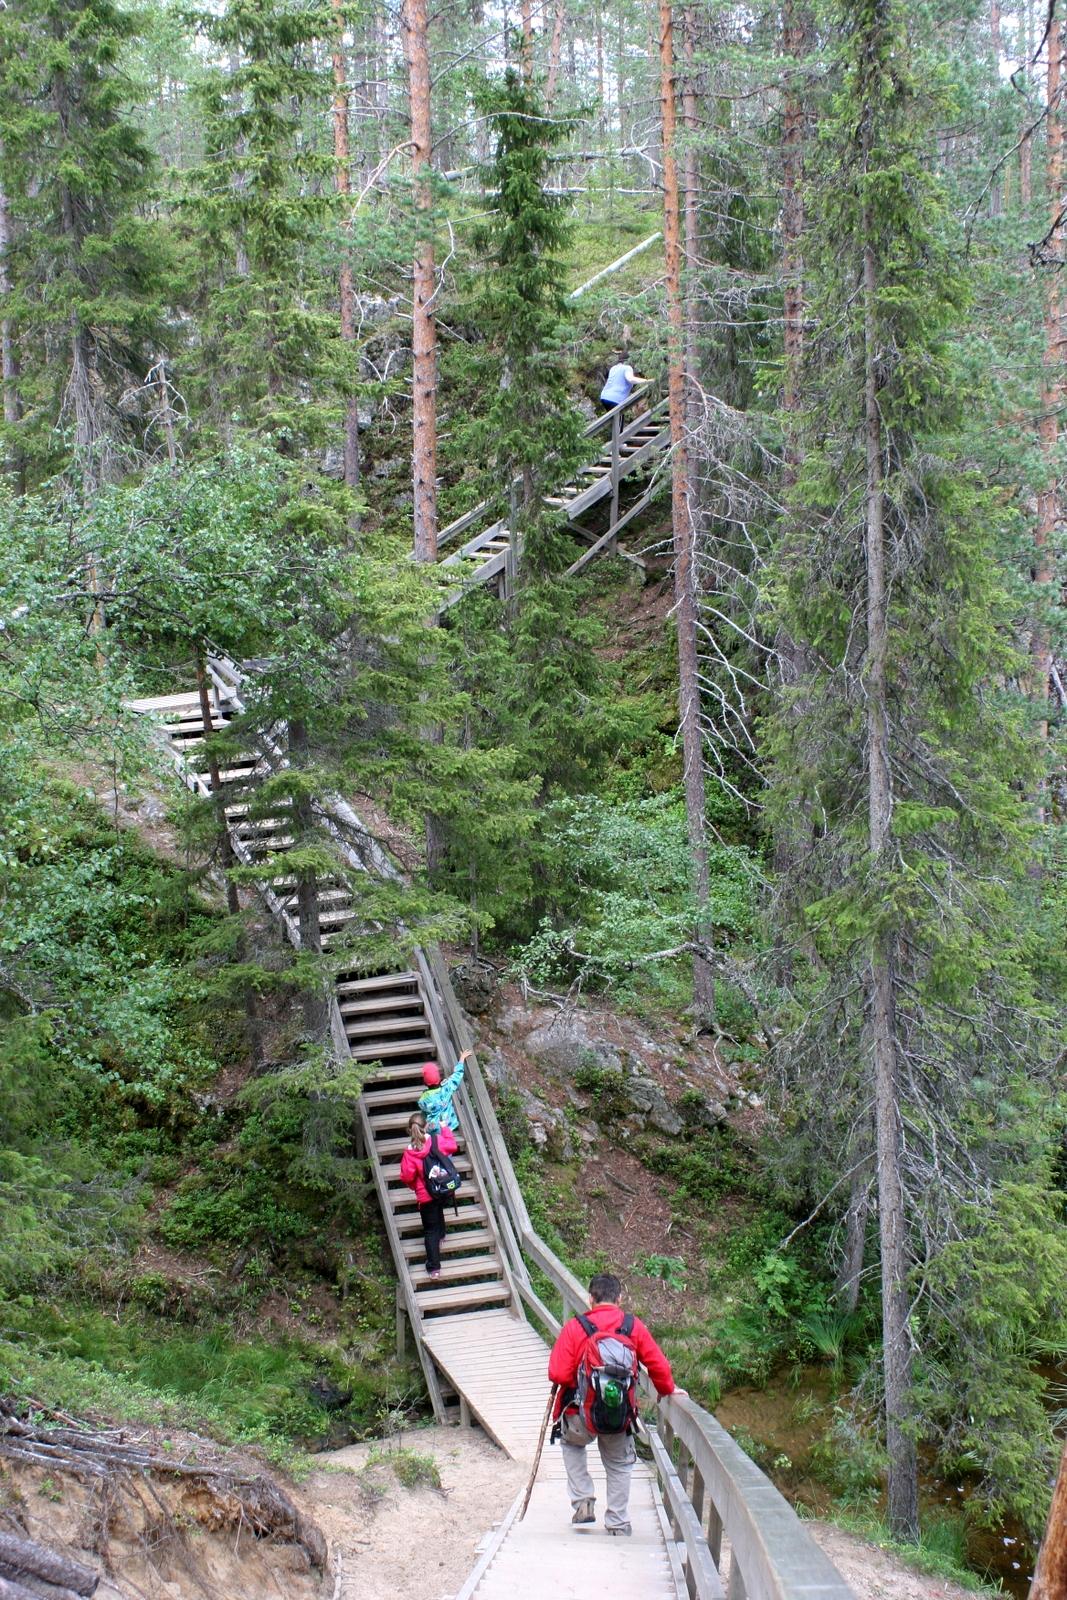 Pieni Karhunkierros lasten kanssa. Mutta ensin piti kiivetä nämä portaat...